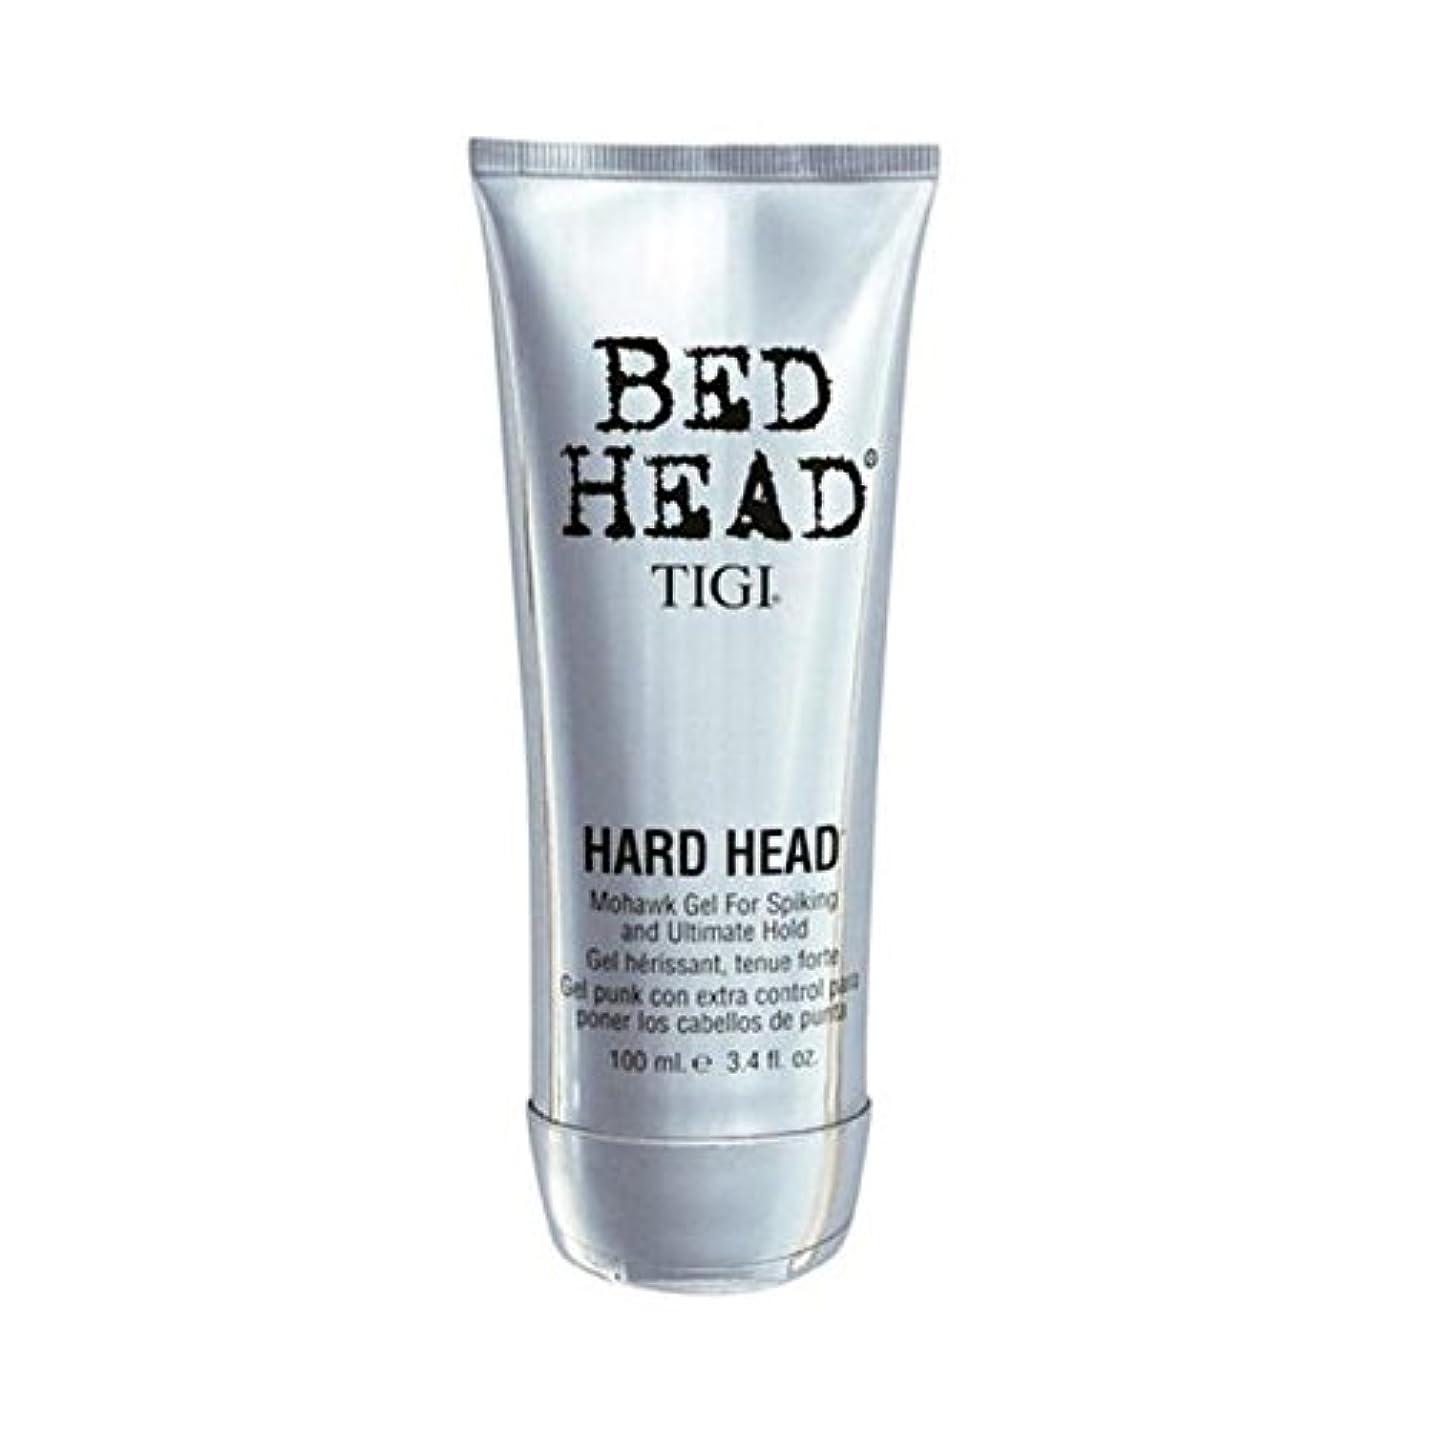 油芸術的抵抗力があるティジーベッドヘッドハードヘッドモヒカンゲル(100)に x4 - Tigi Bed Head Hard Head Mohawk Gel (100ml) (Pack of 4) [並行輸入品]